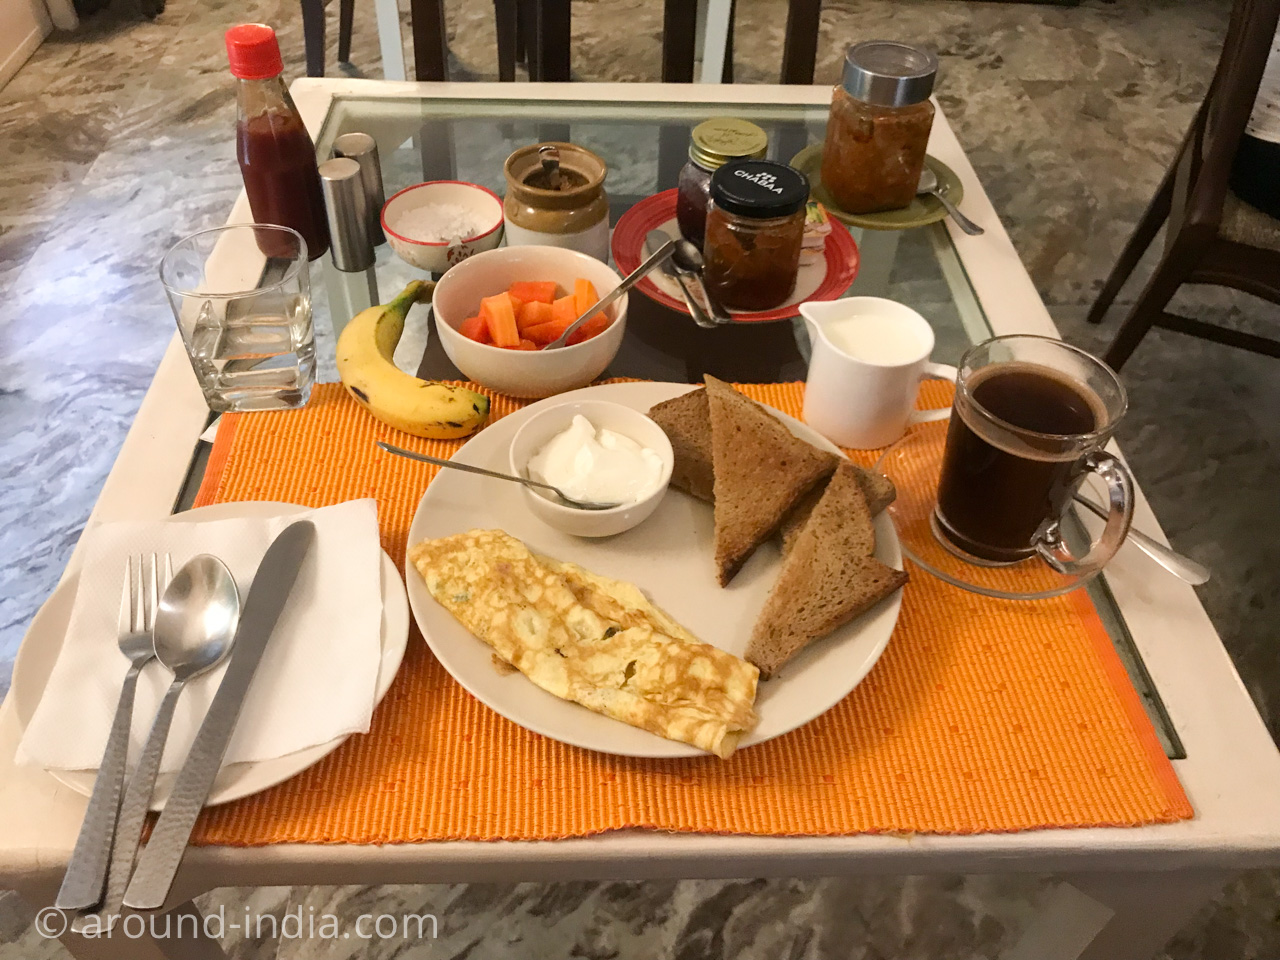 デリーのホテルHaveli Hauz Khasの朝ごはん